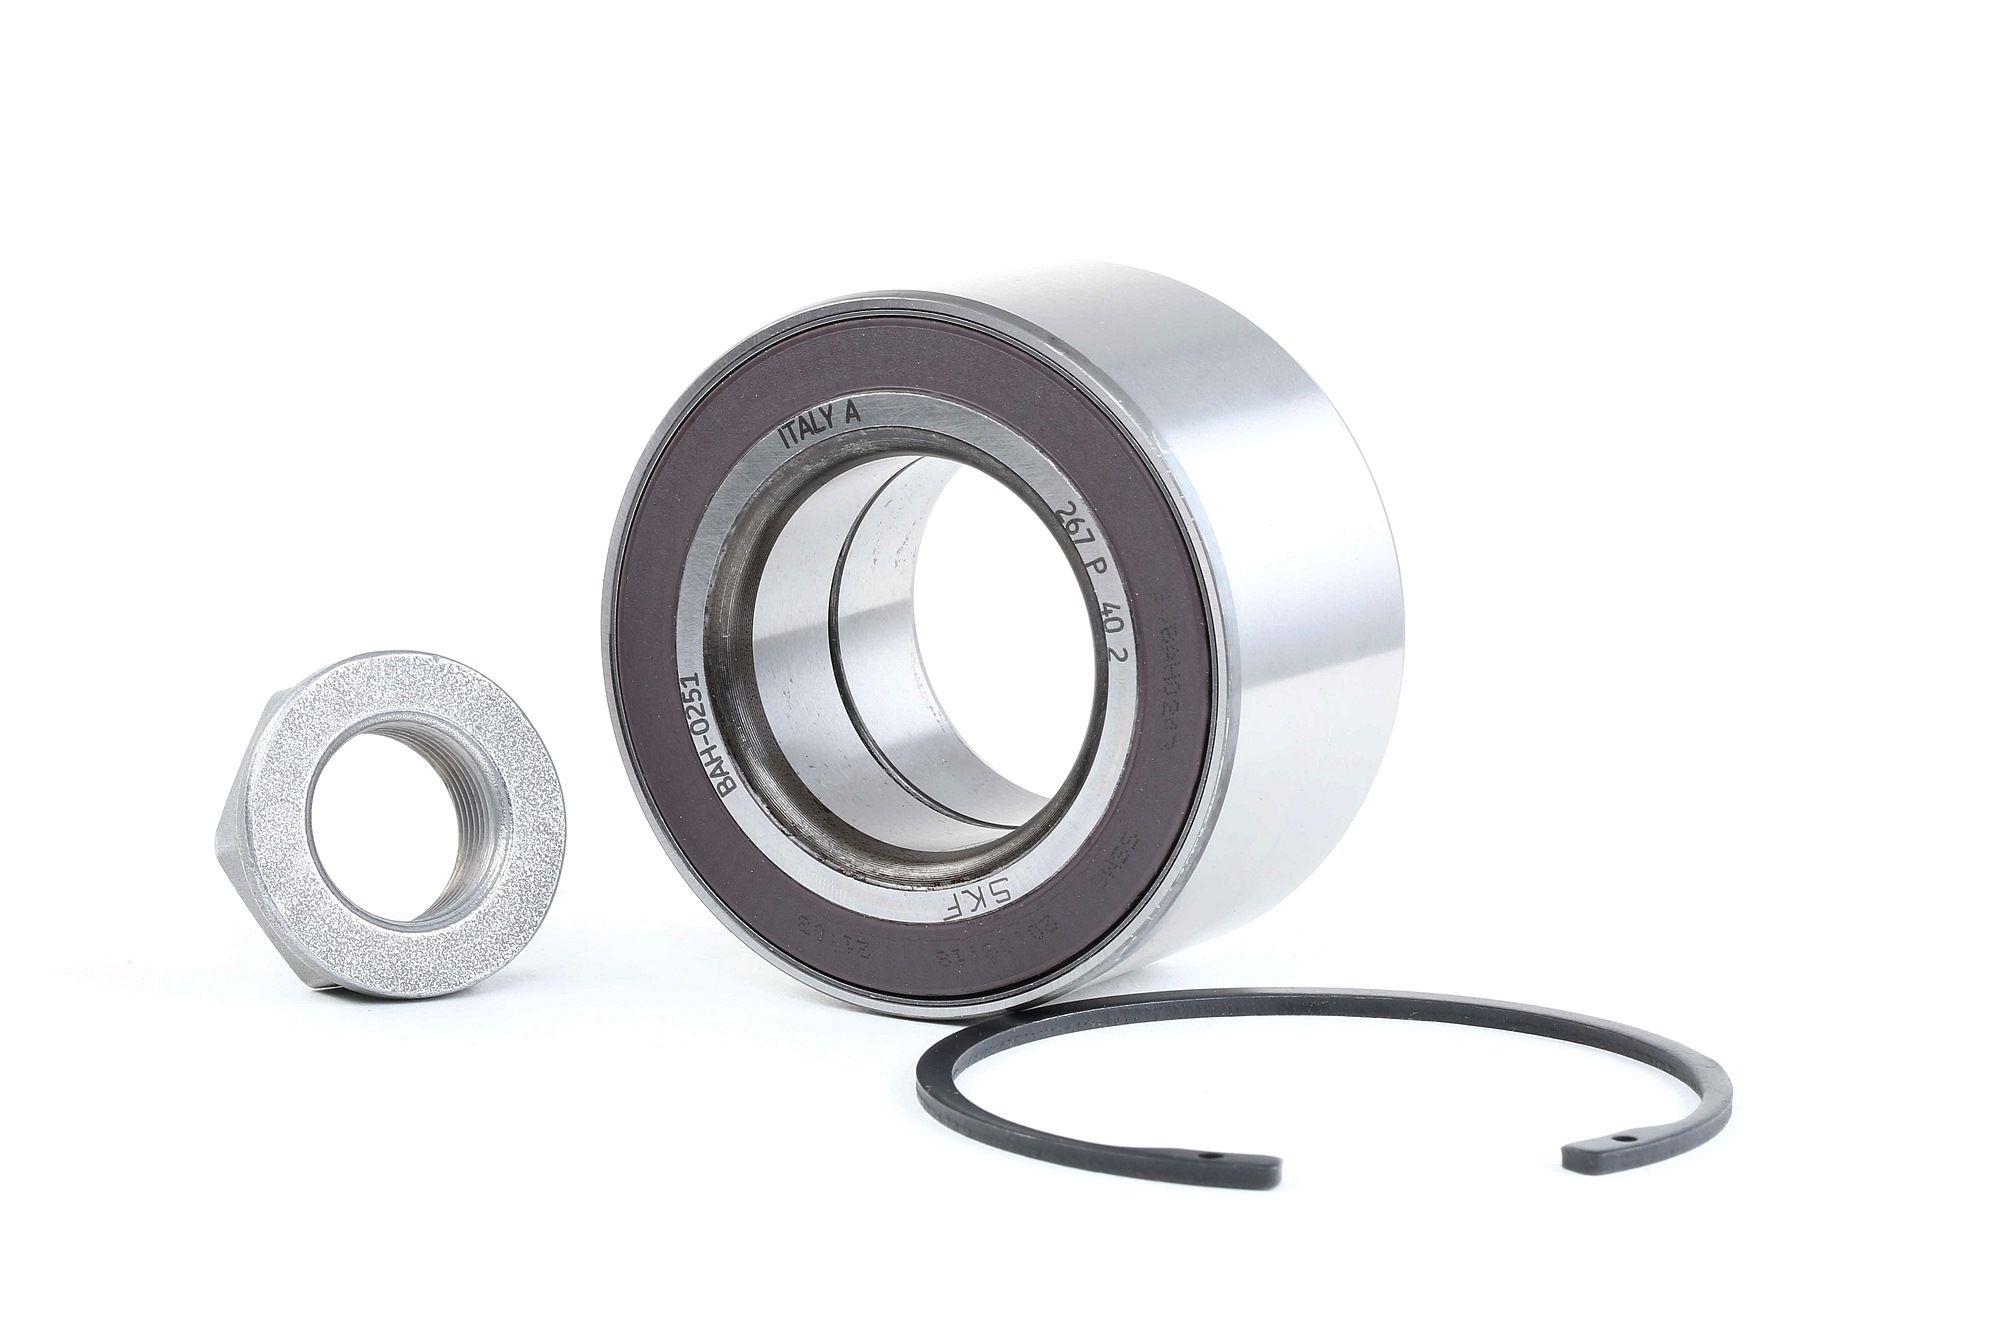 PEUGEOT 308 2020 Radaufhängung & Lenker - Original SKF VKBA 3683 Ø: 83mm, Innendurchmesser: 45mm